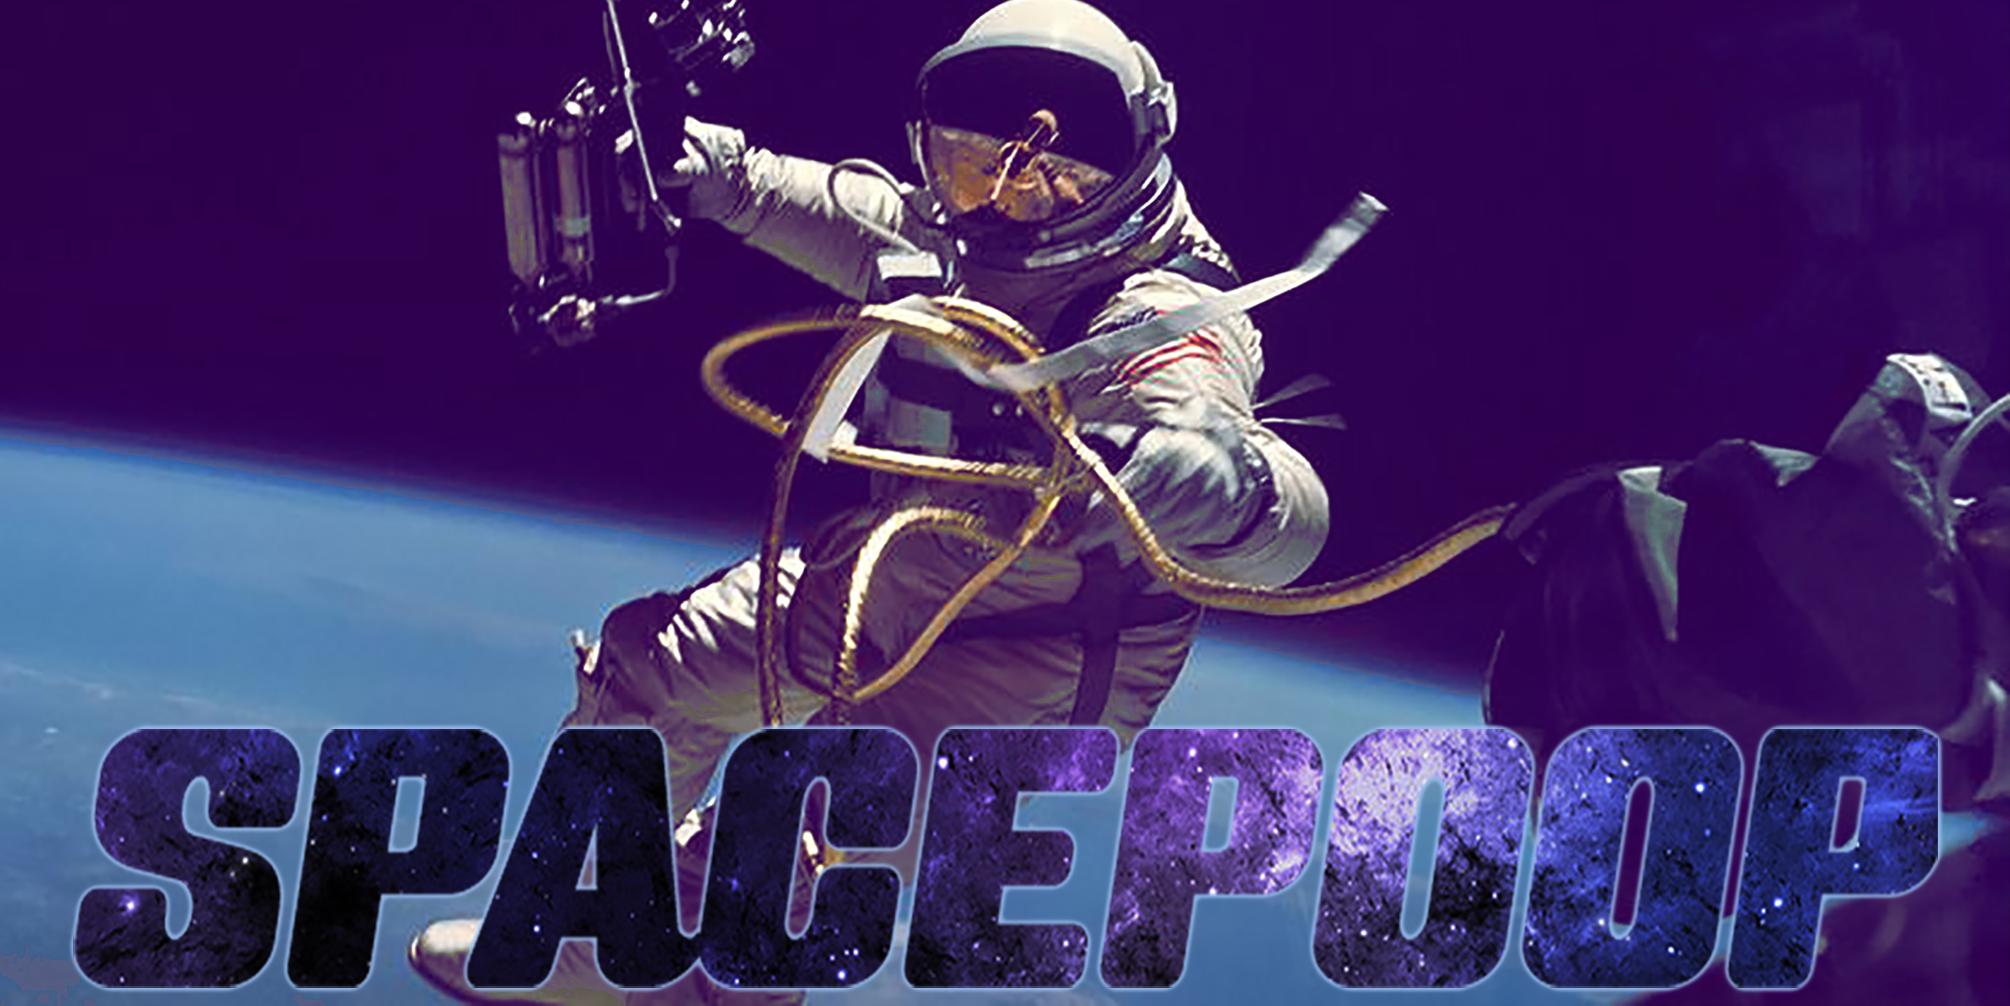 space poop challenge nasa astronauts